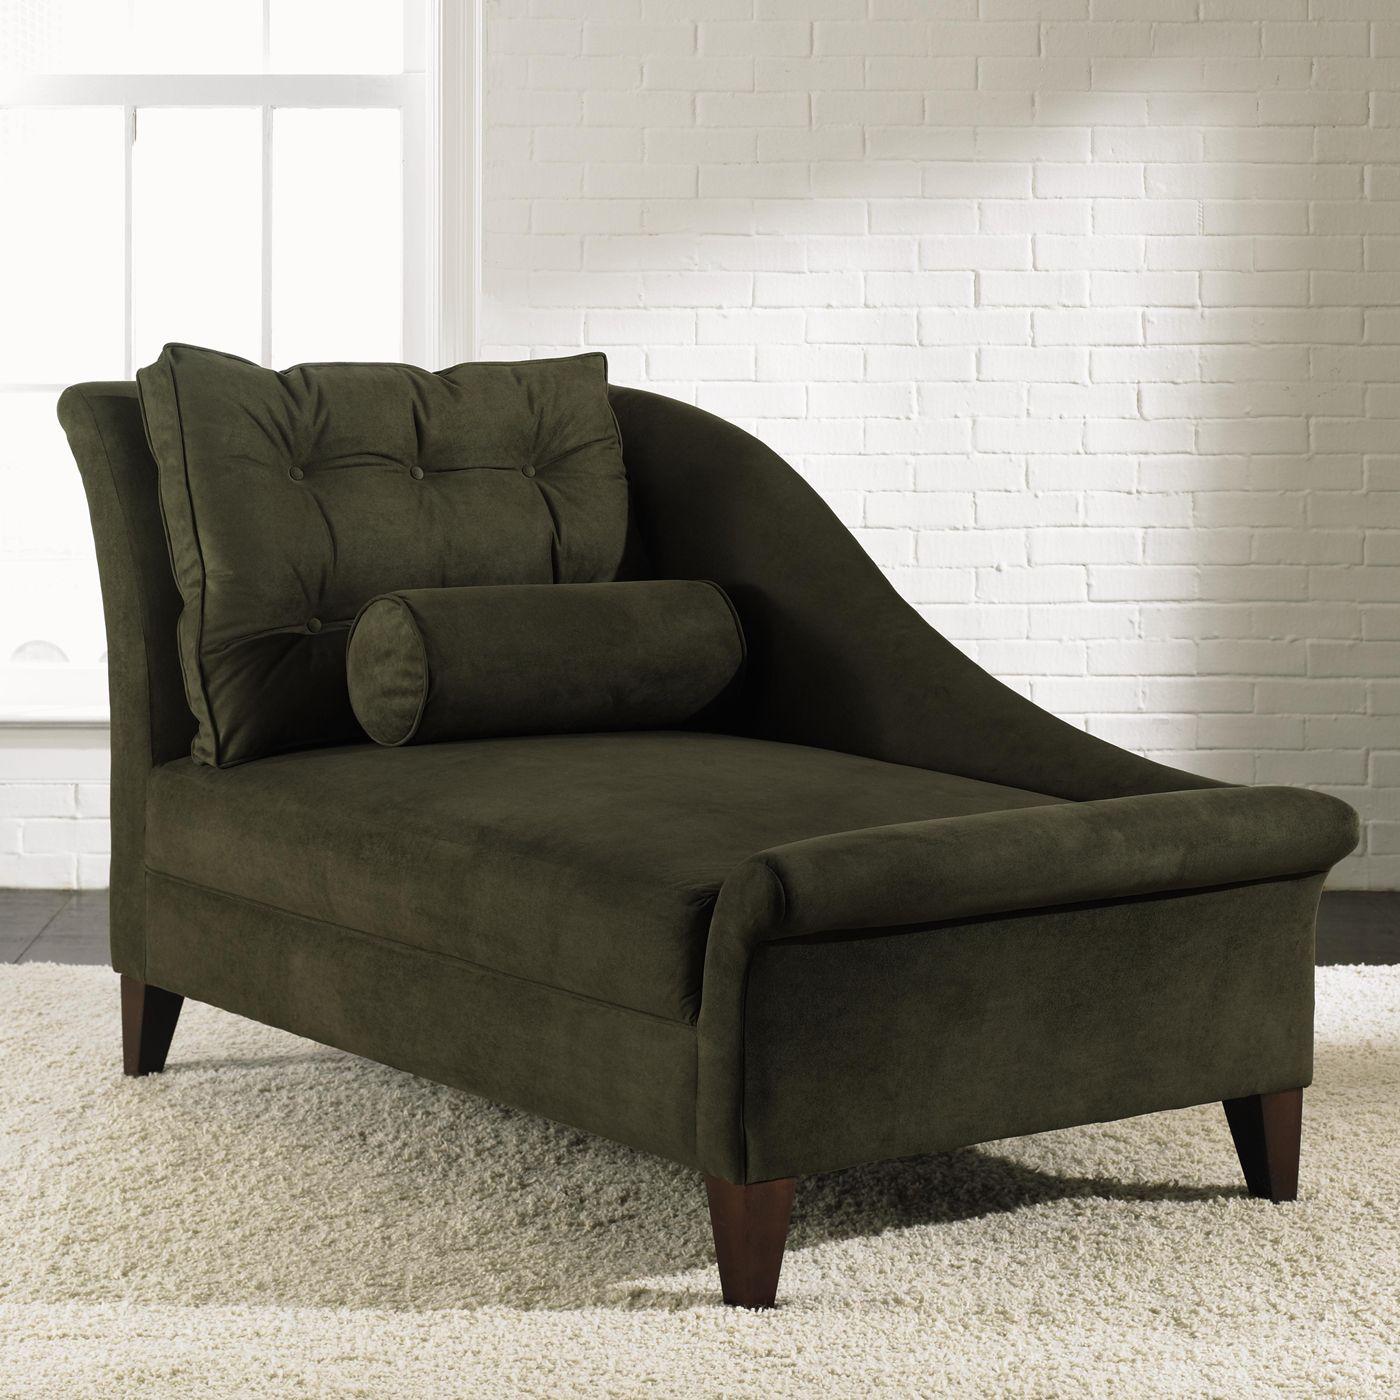 klaussner 270 lincoln chaise lounge home decorating pinterest wohnzimmer und stadtwohnungen. Black Bedroom Furniture Sets. Home Design Ideas